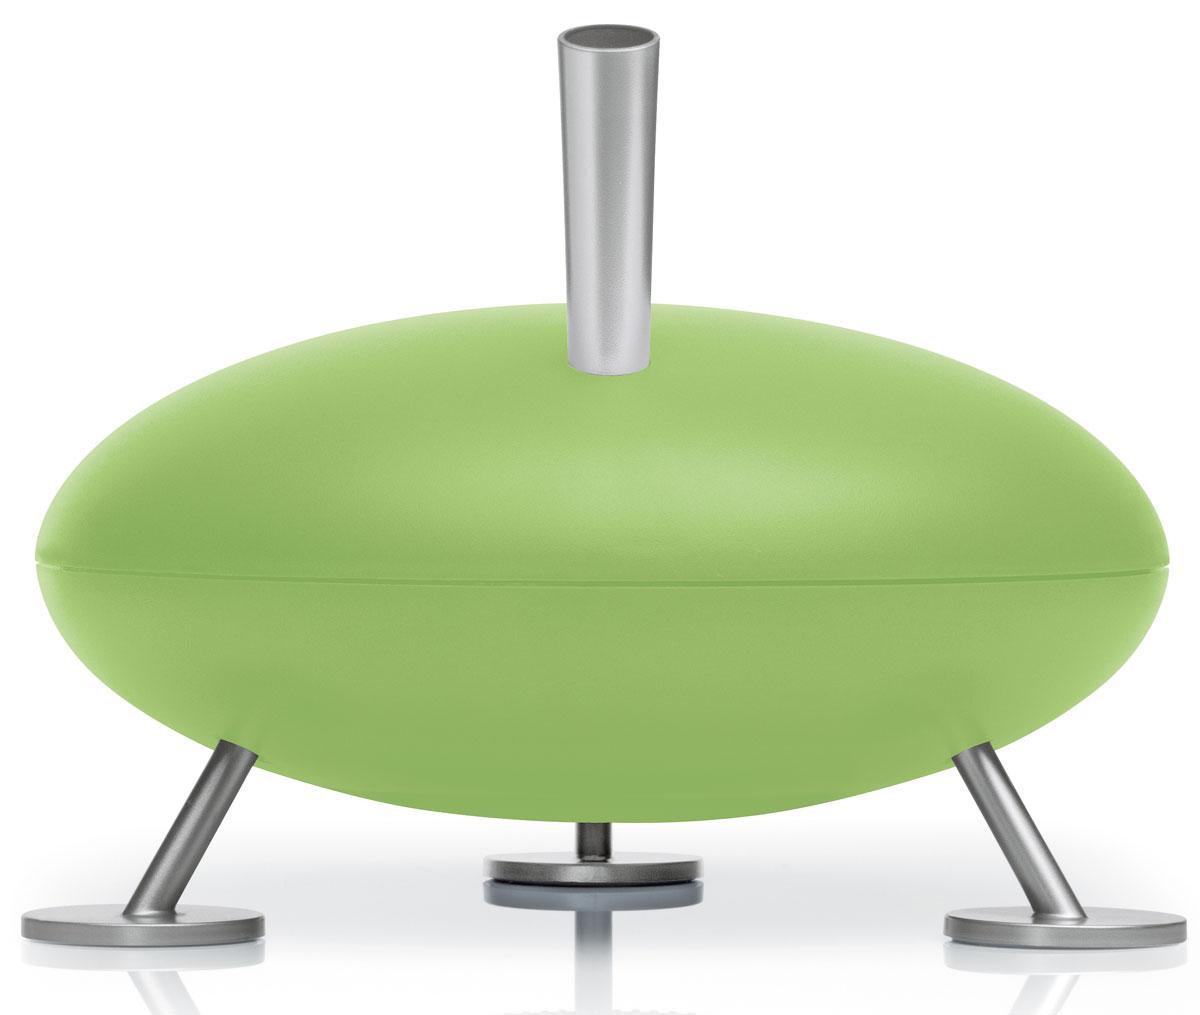 Stadler Form Fred, Lime увлажнитель воздуха0802322005493Сегодня уже ни у кого не вызывает сомнений, что увлажнение воздуха – важная и серьезная составляющая хорошего самочувствия. Воздух в помещении должен быть средой комфортного здорового дыхания, и для простого и эффективного достижения этого условия в городской среде необходимы специальные устройства, такие как увлажнитель Fred от Stadler Form. Являясь увлажнителем парового типа, Fred обеспечивает производительность до 340 мл/час, достаточную для интенсивного воздухообмена в помещениях площадью 40 м2. Емкость бака рассчитана на 3,7 литра воды, что позволяет эксплуатировать Fred без долива воды в течение десяти и более часов. Он не требует пристального внимания, и вы можете быть совершенно уверены в его надежности и безопасности – в случае отсутствия воды в баке Fred отключится автоматически. Заданный уровень влажности в помещении легко и точно поддерживается в автоматическом режиме благодаря наличию вынесенного гигростата. Ну, и помимо своих превосходных ...